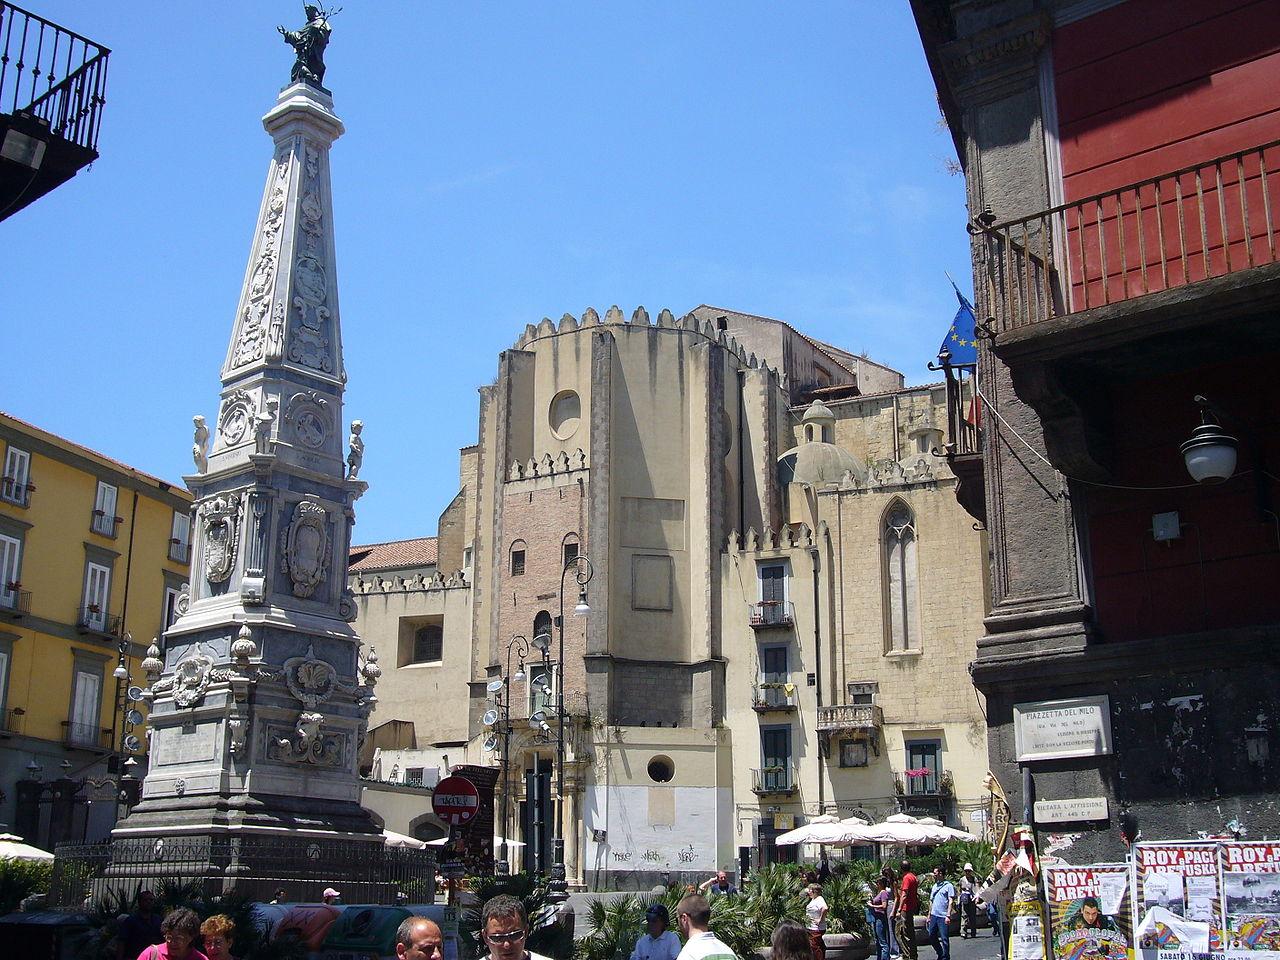 1280px-Napoli_-_piazza_San_Domenico_Maggiore_e_guglia_1030736